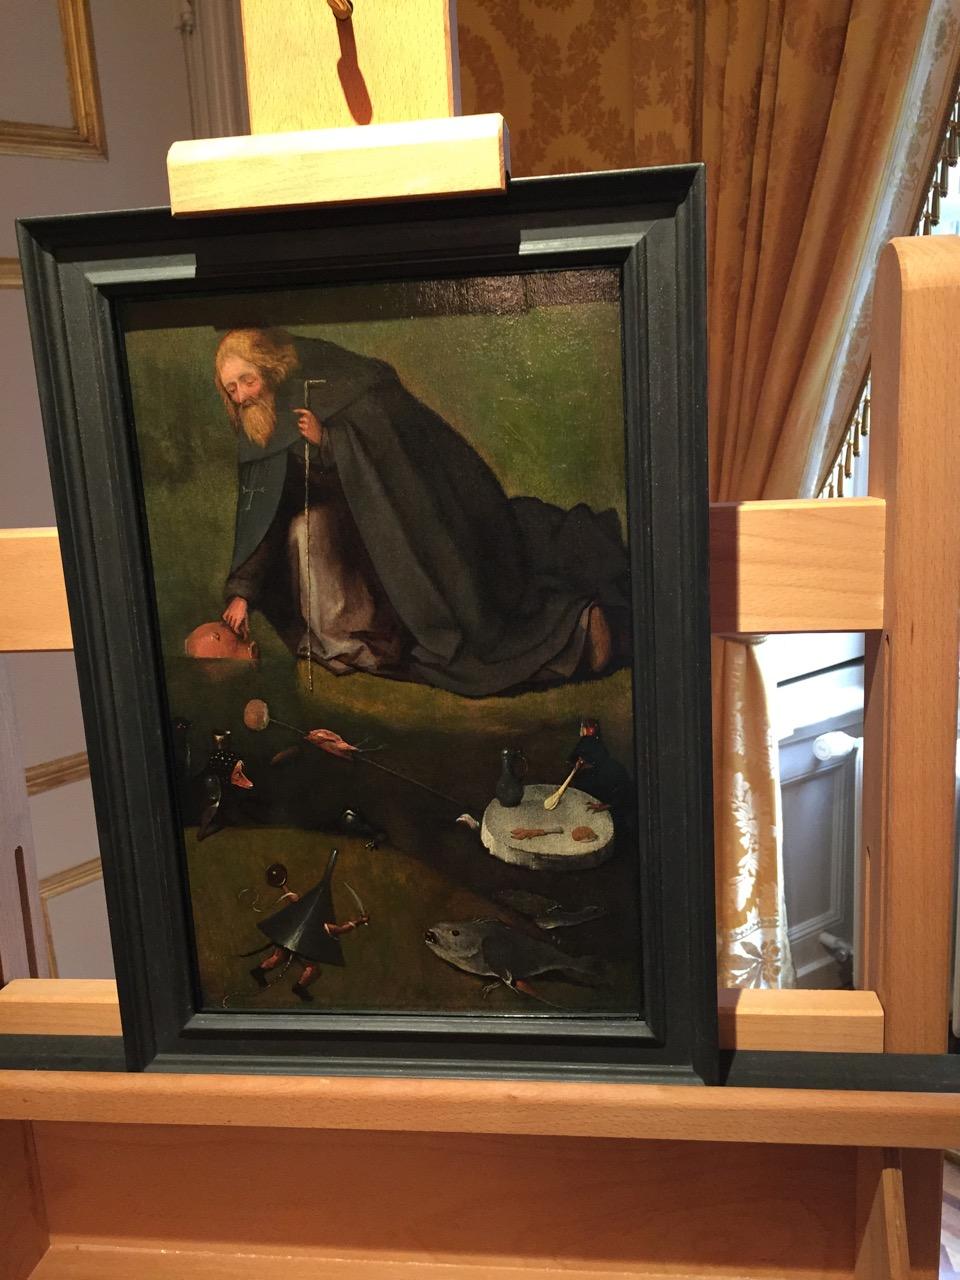 'De verzoeking van de heilige Antonius' van Jheronimus Bosch, gefotografeerd tijdens de persconferentie in het Noordbrabants Museum in Den Bosch.